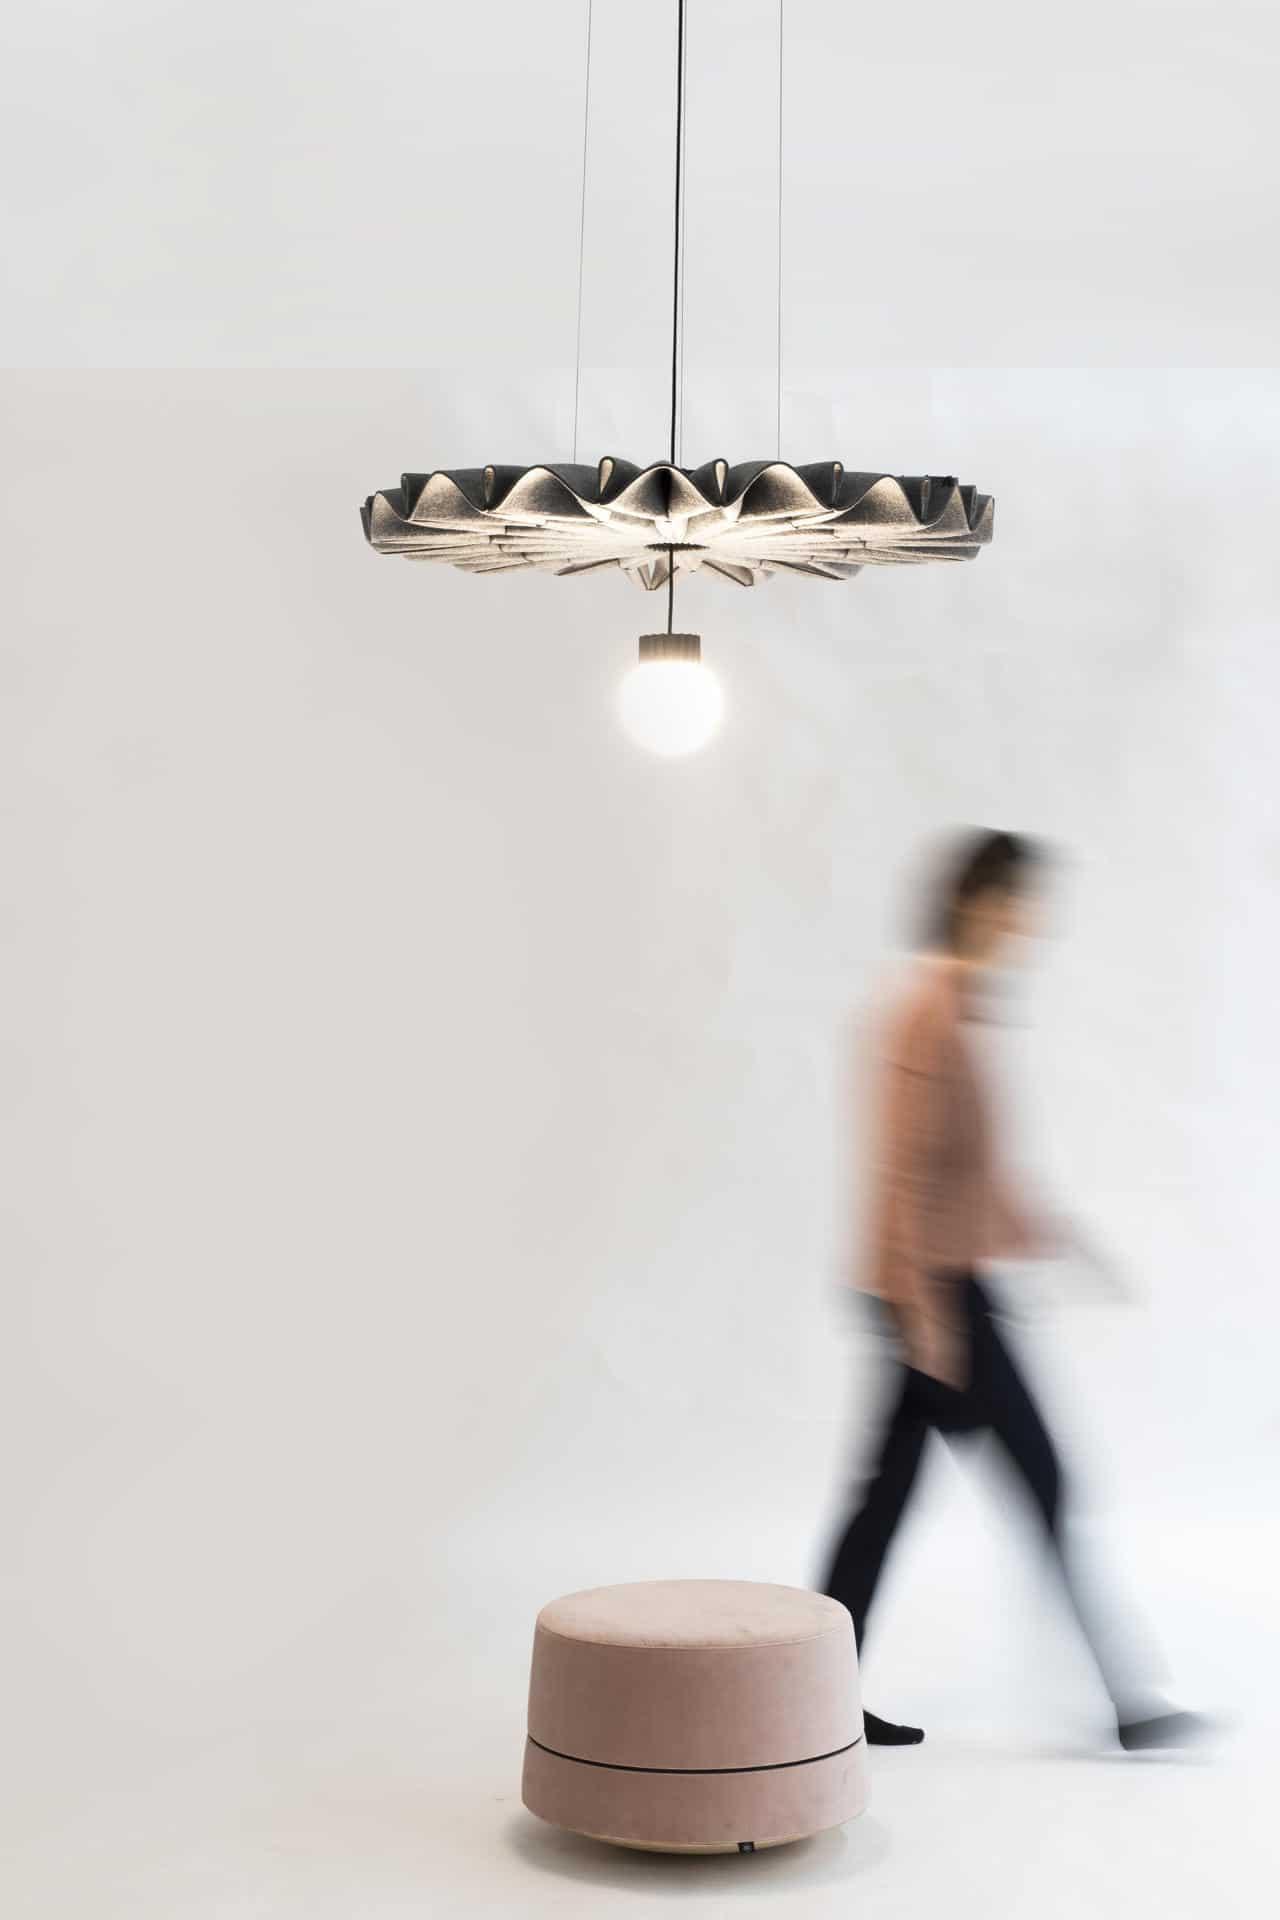 Een afbeelding van een akoestische hanglamp op Akoestiekspecialist genaamd BuzziSpace BuzziPleat LED.